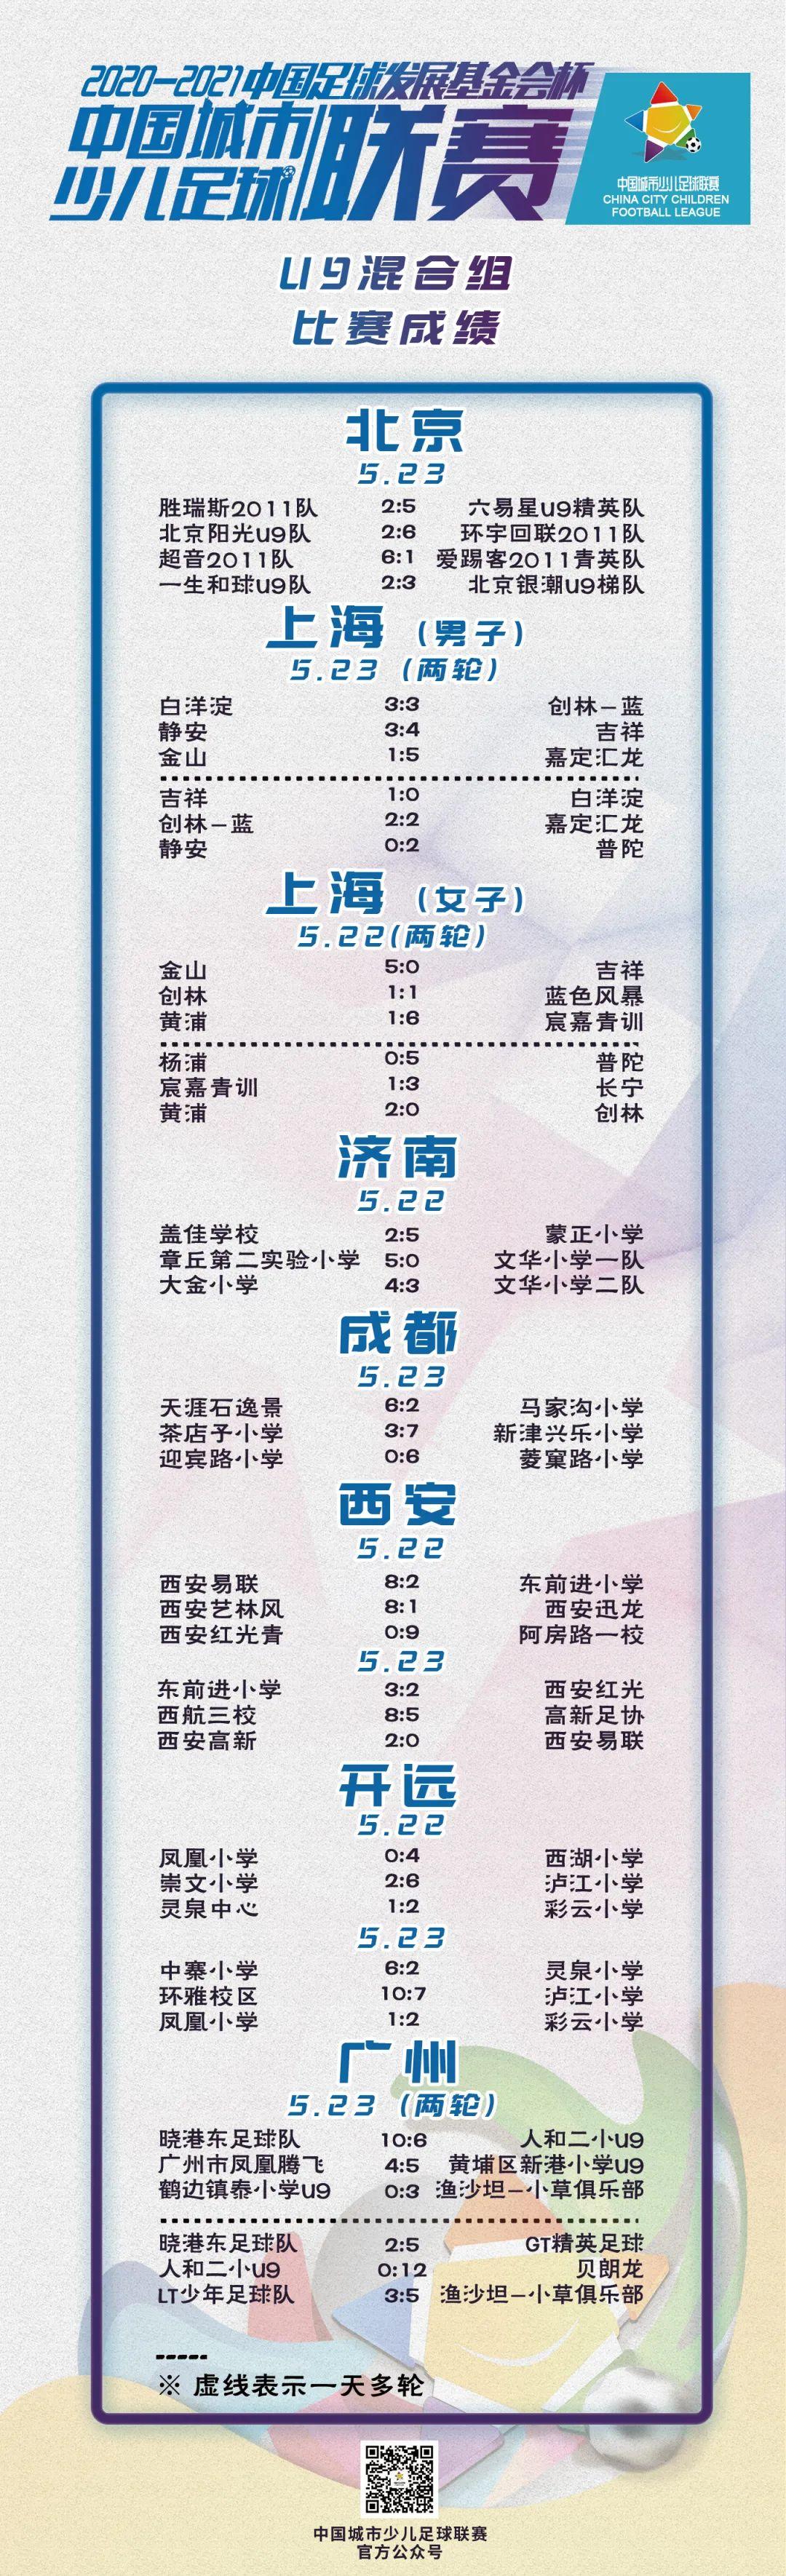 """成绩公示(部分)丨2020-2021""""中国足球发展基金会杯""""中国城市少儿足球联赛成绩公示(截至5月25日)"""